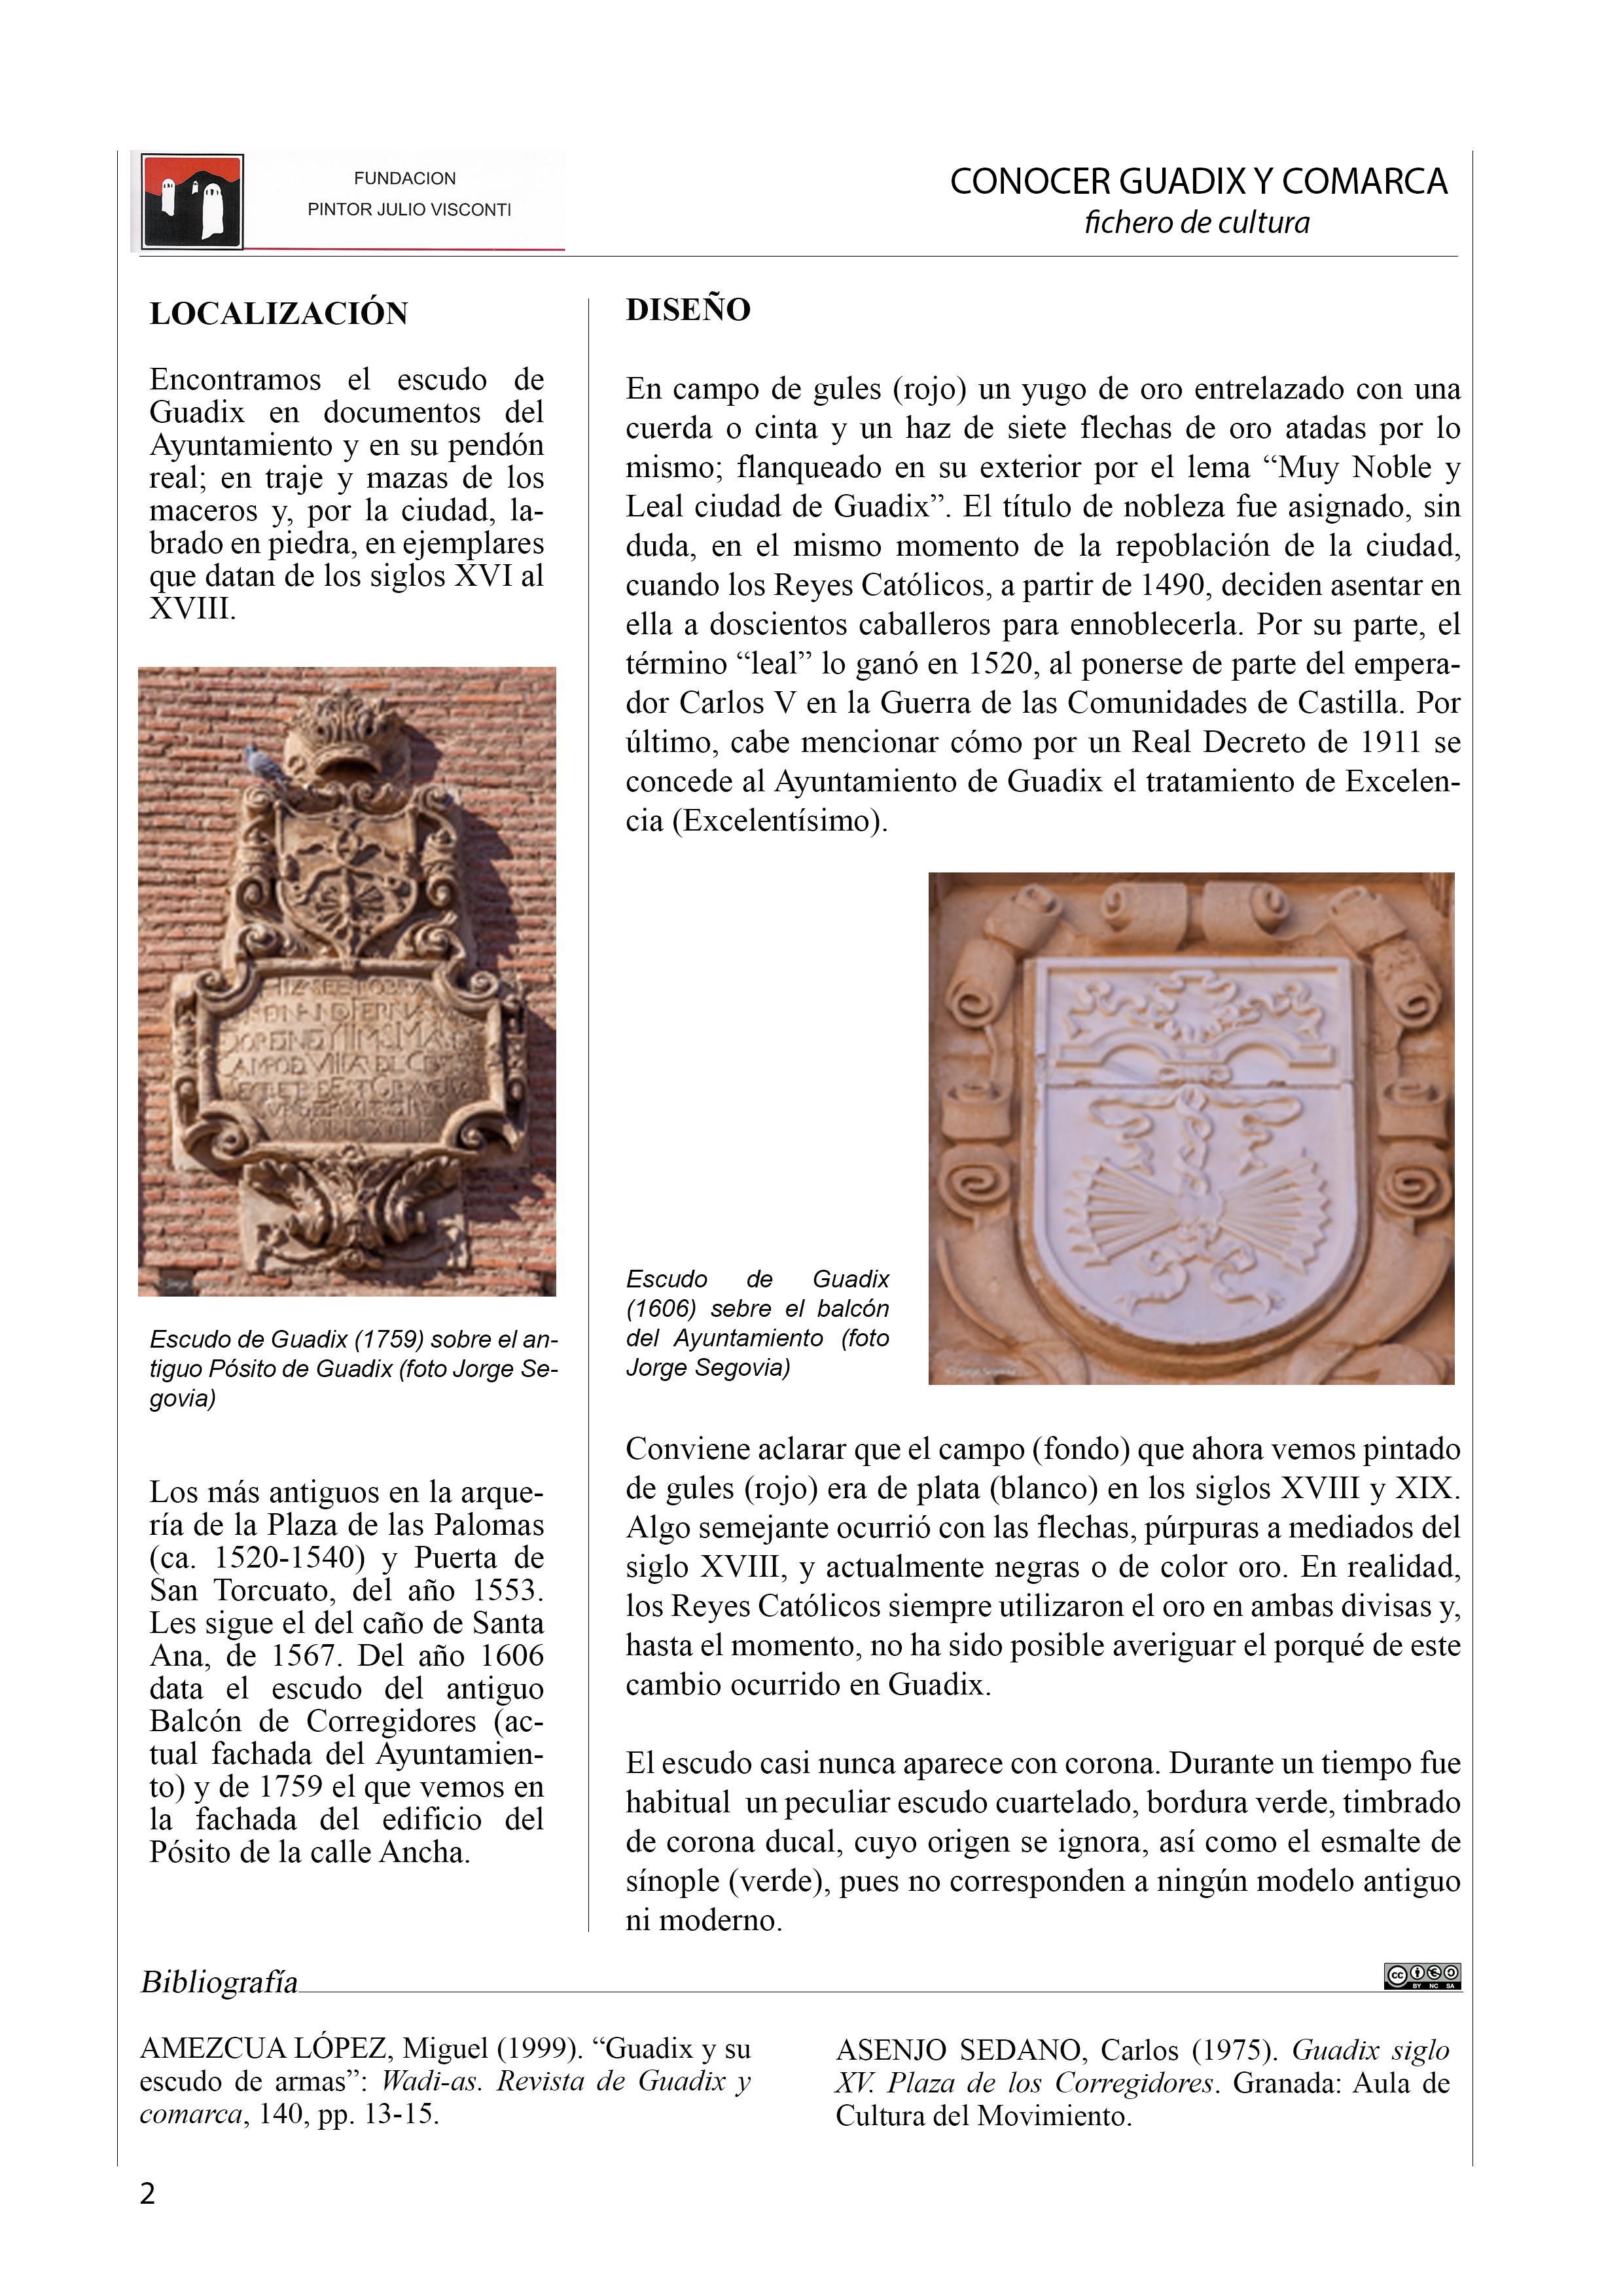 El escudo de Guadix 2 Definitiva